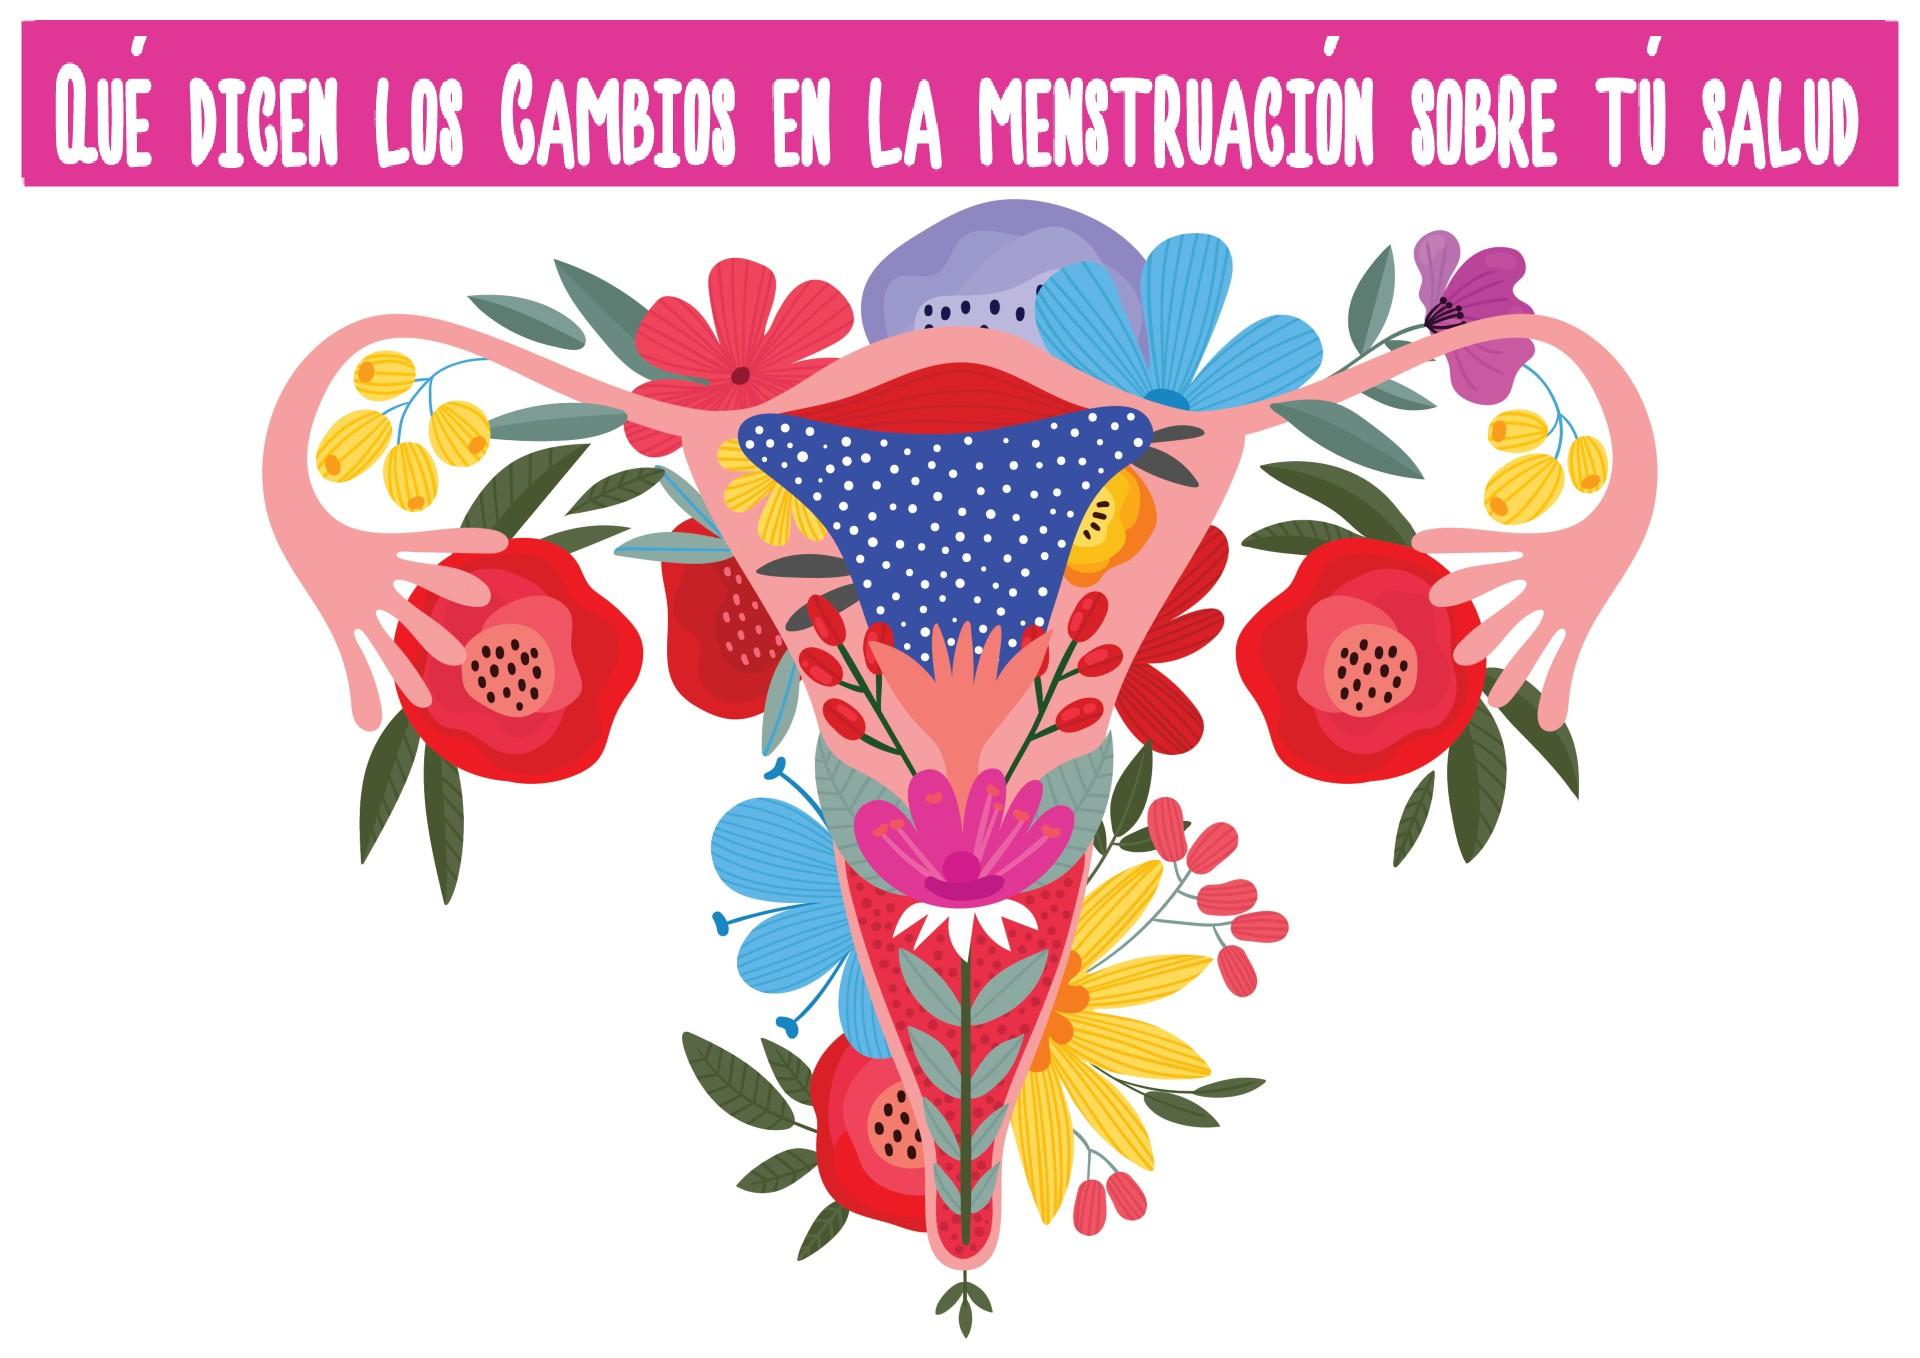 Qué dicen los cambios en la menstruación sobre la salud